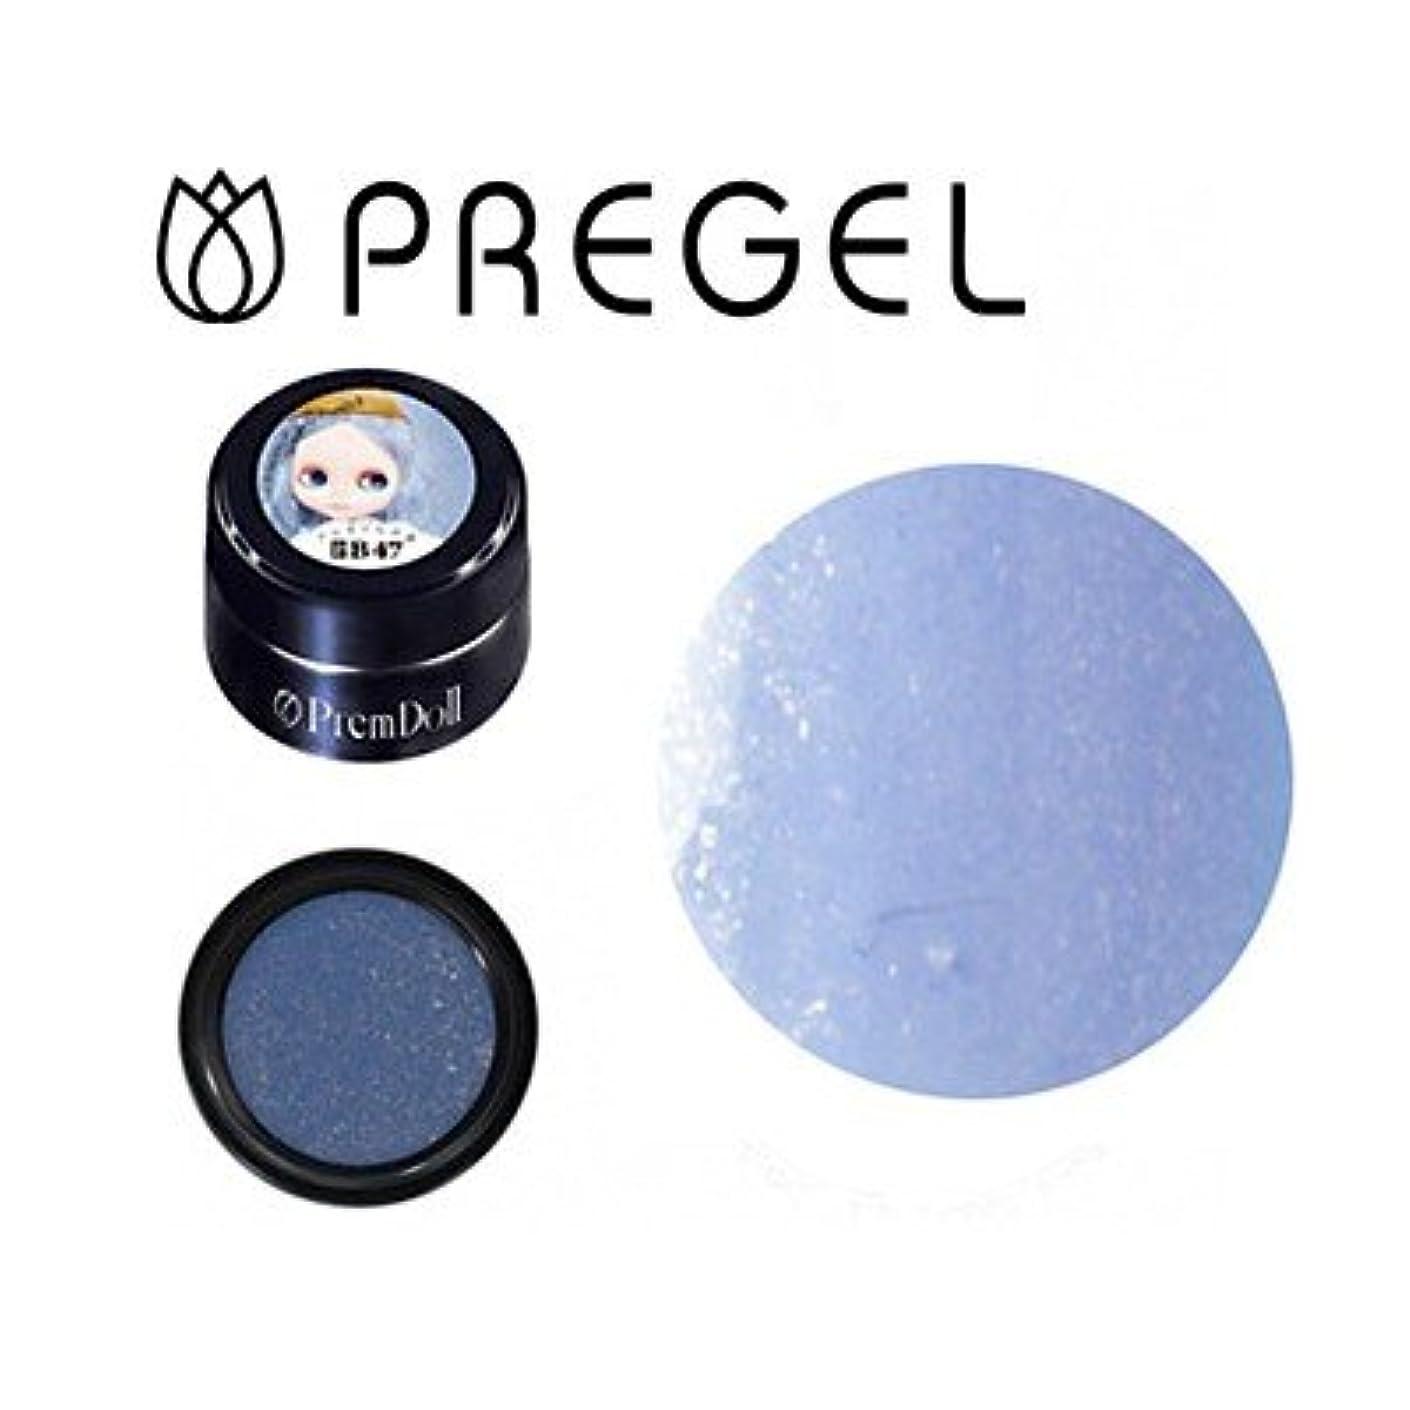 異形つぼみリラックスしたジェルネイル カラージェル プリジェル PREGEL プリムドール ジェーンレフロイシリーズ DOLL-B47 アルタイルの涙